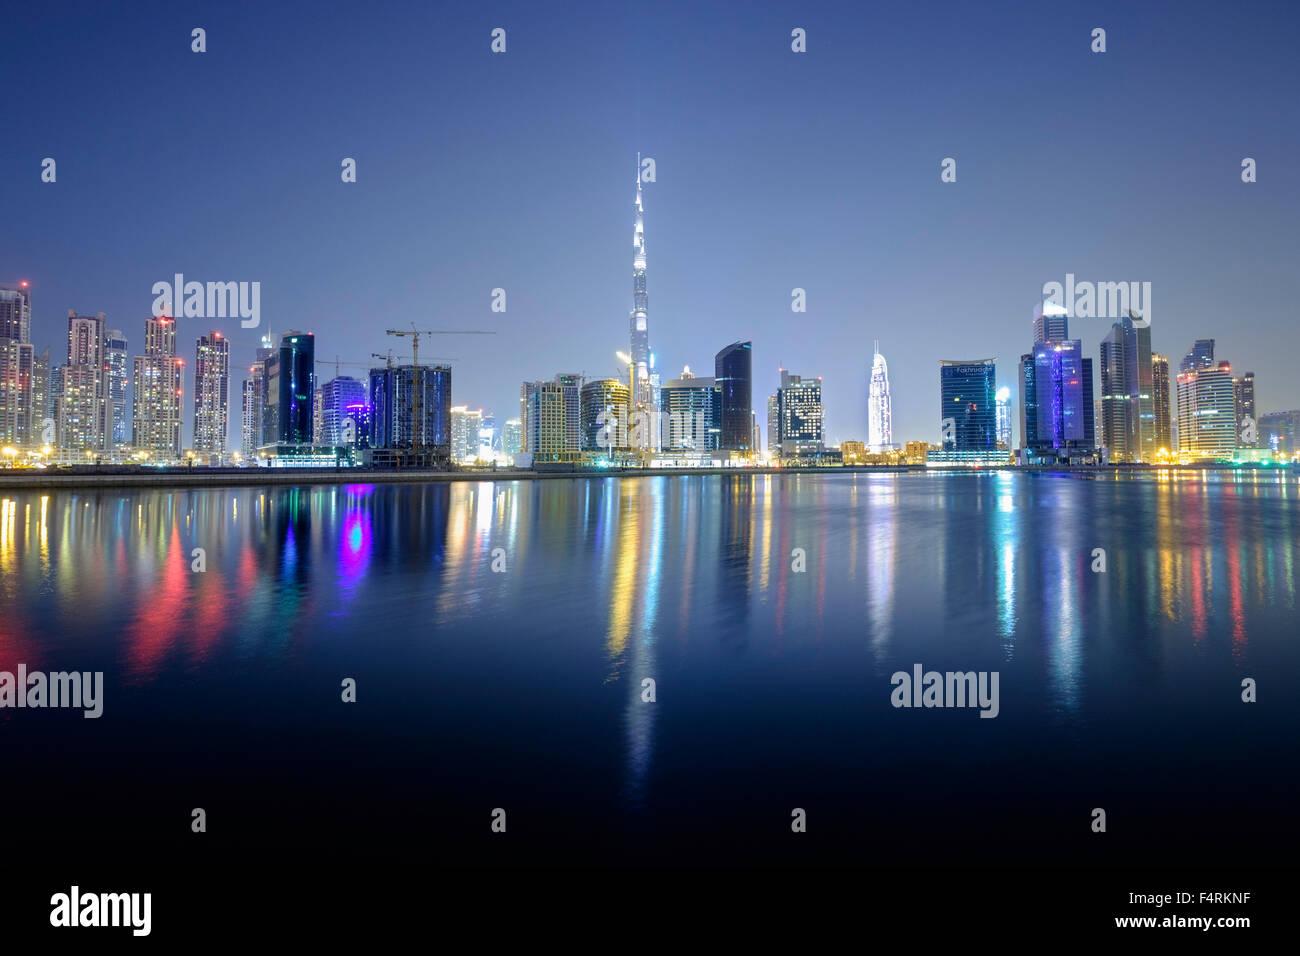 Vue de la nuit de Burj Khalifa et à de nouvelles affaires Bay Creek de Dubaï Émirats Arabes Unis Photo Stock